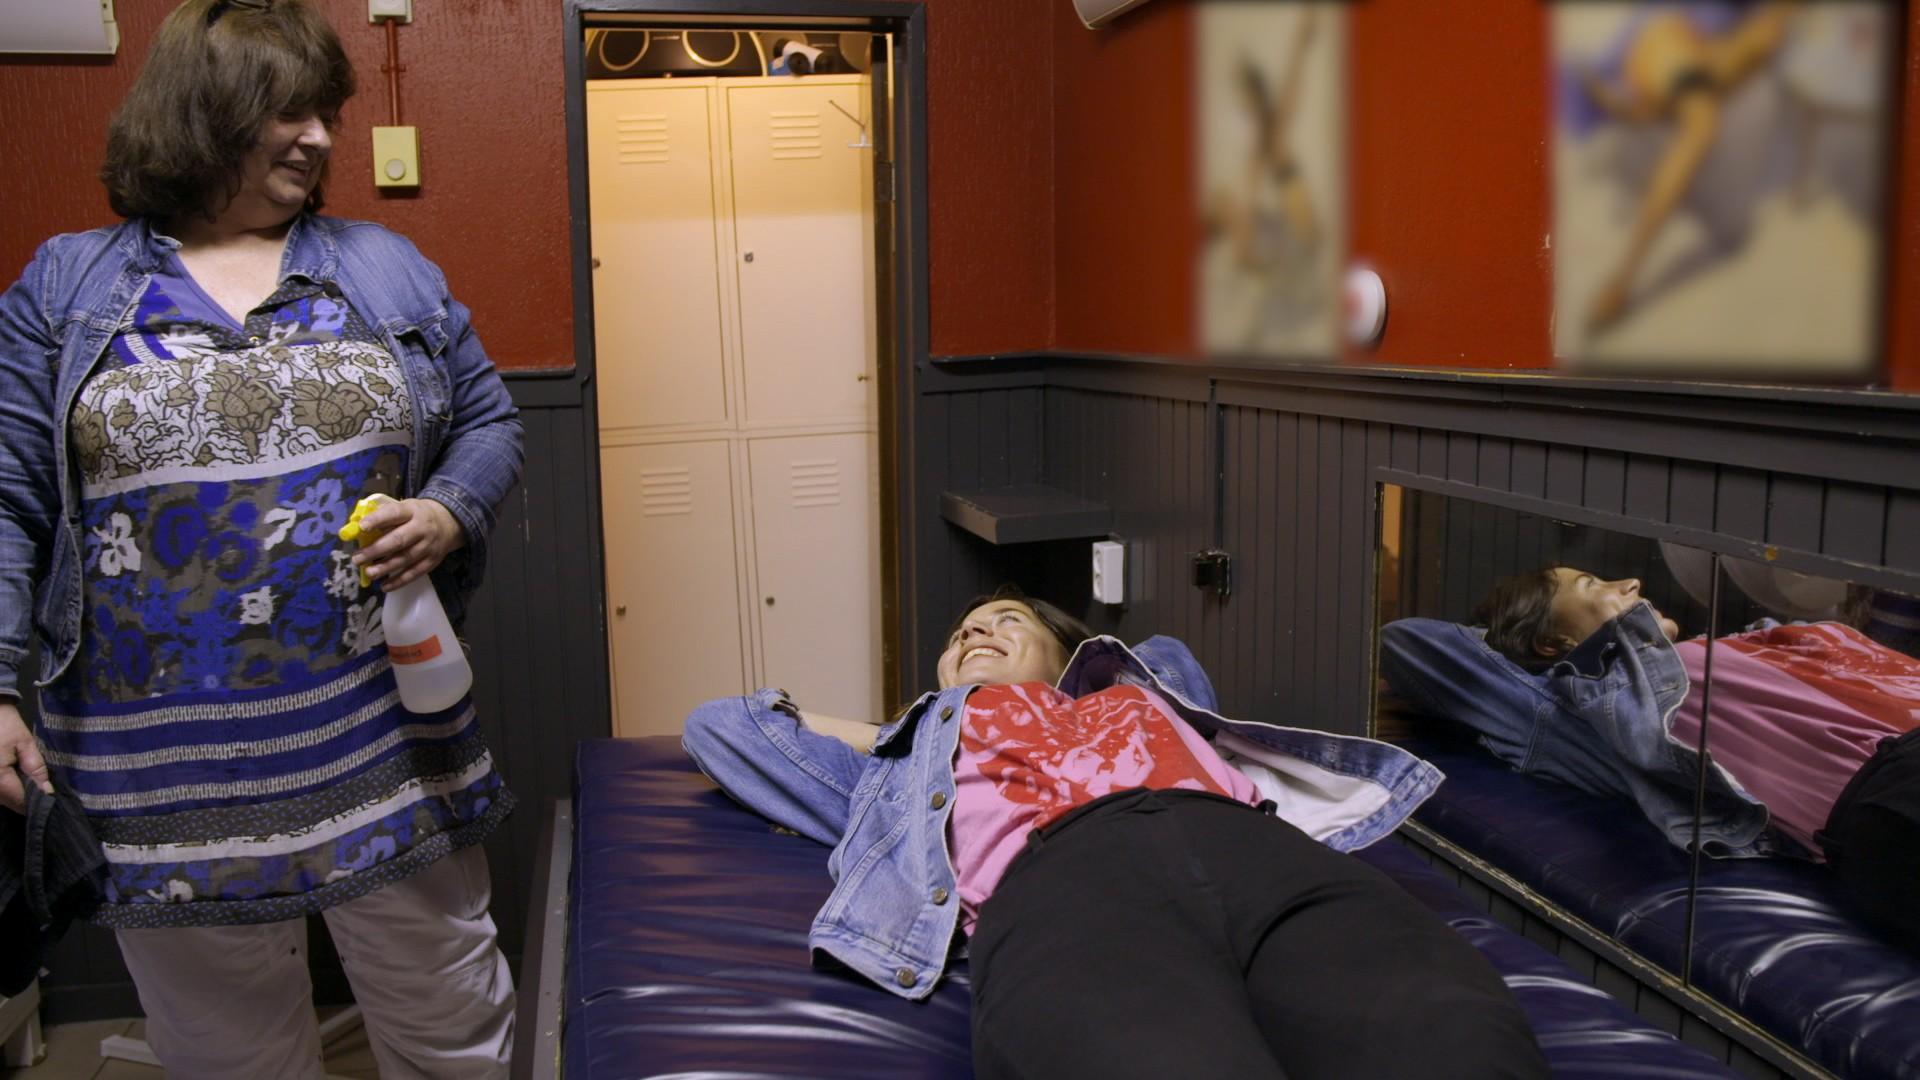 Schoonmaakster Henny sopt elke dag de kamertjes van de prostituees schoon